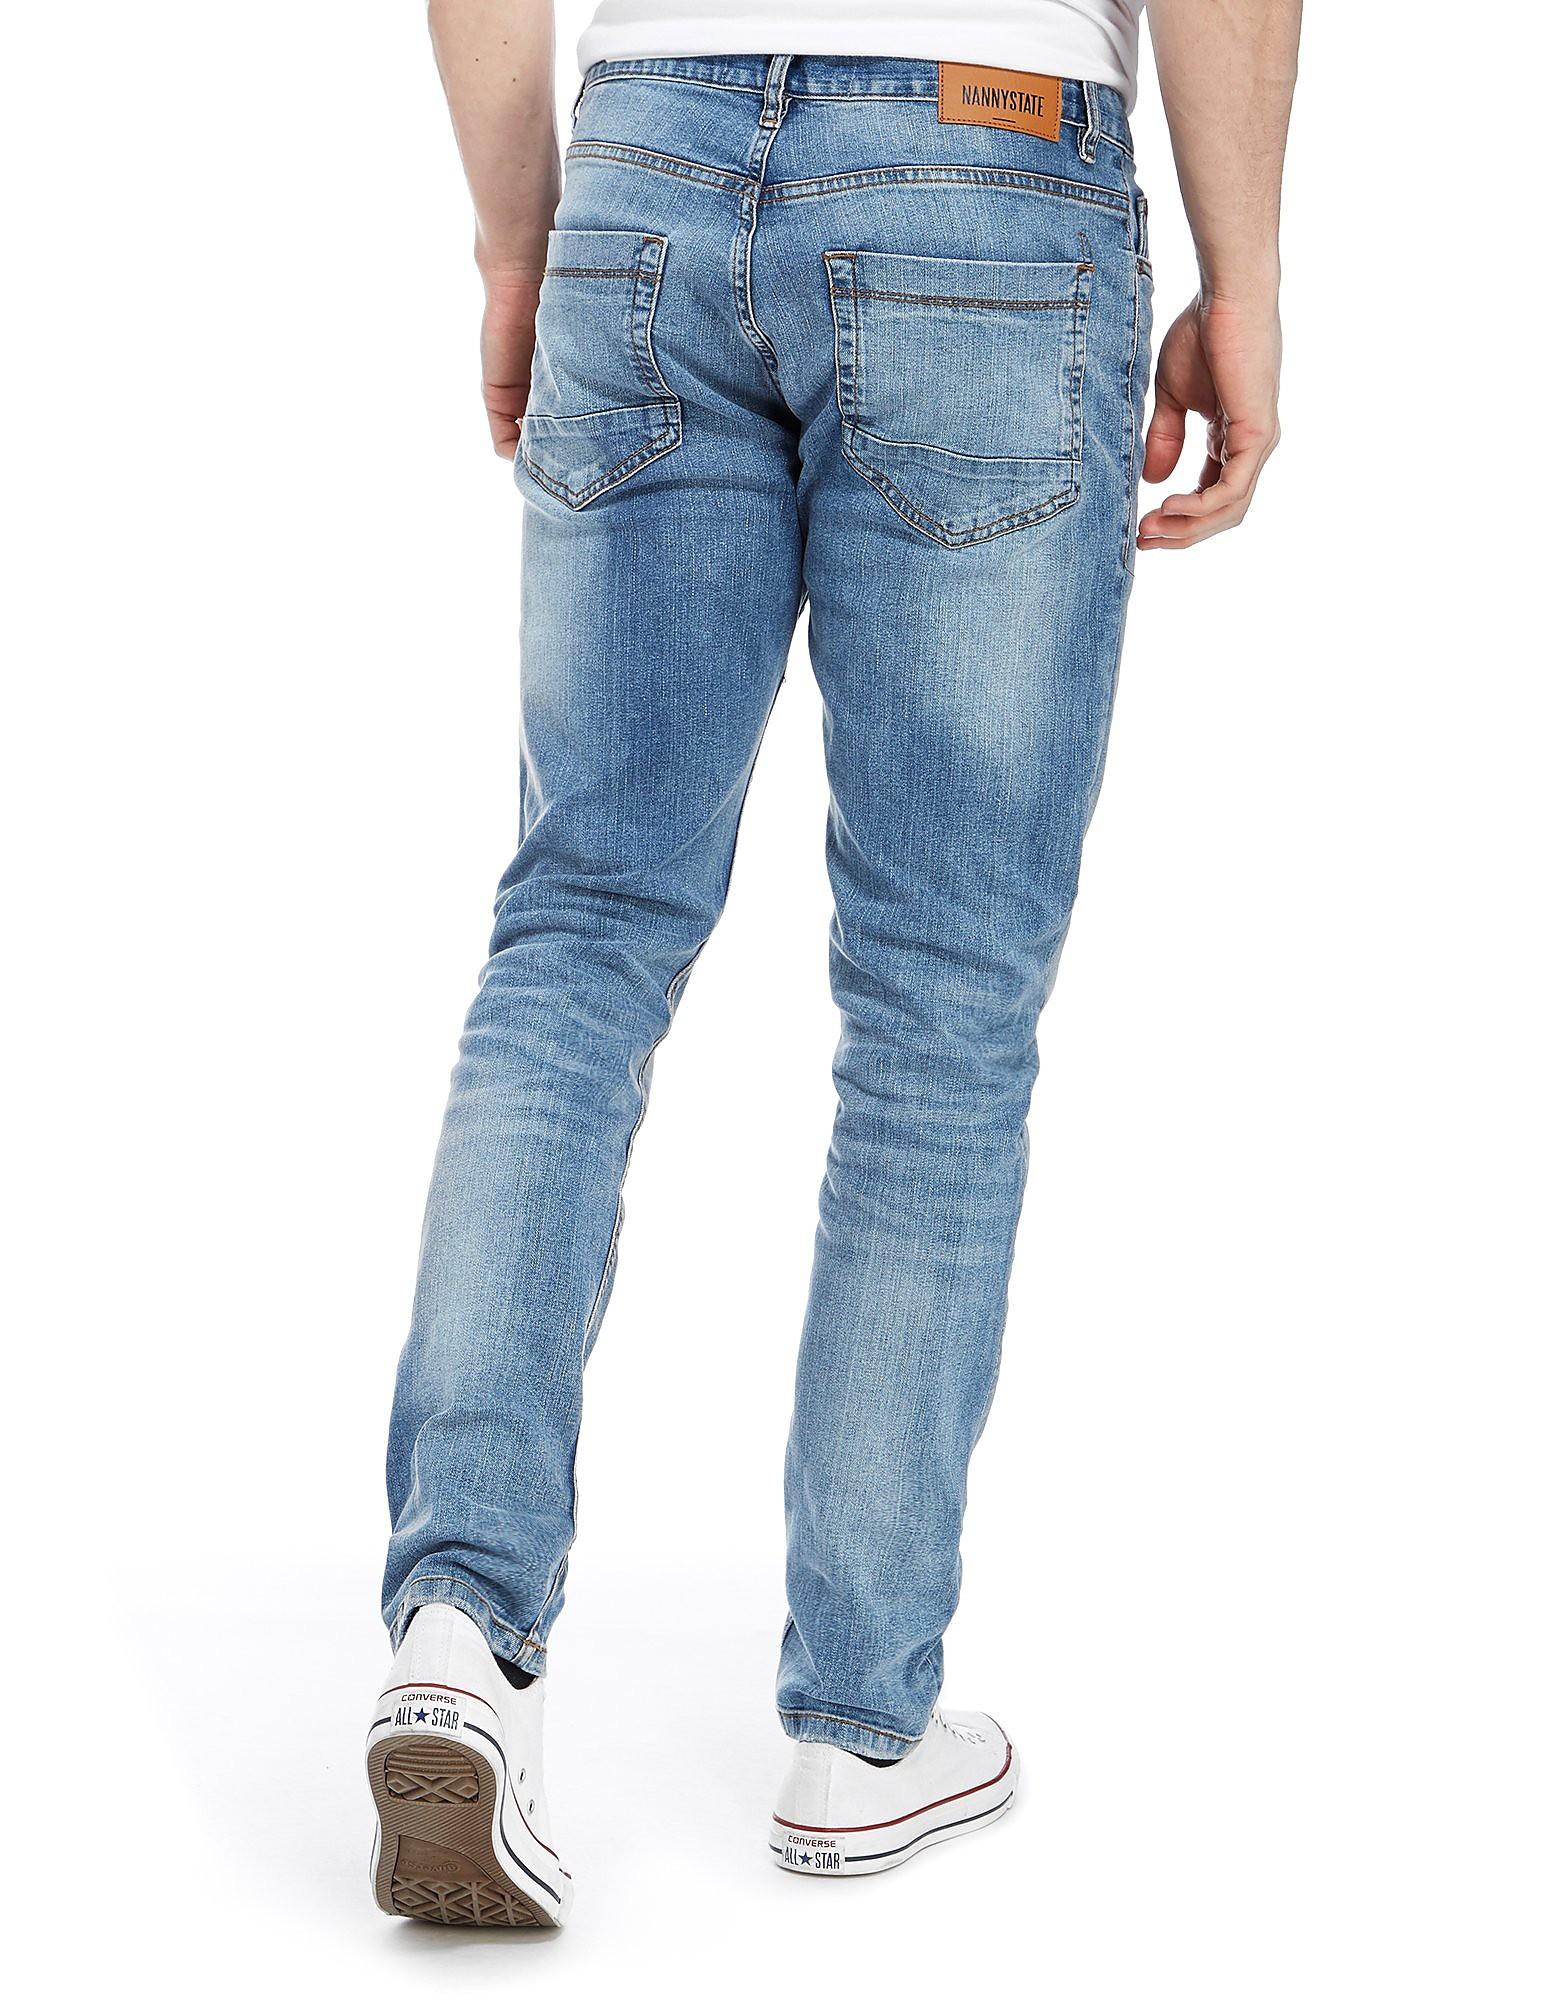 Nanny State Light Wash Skinny Jeans